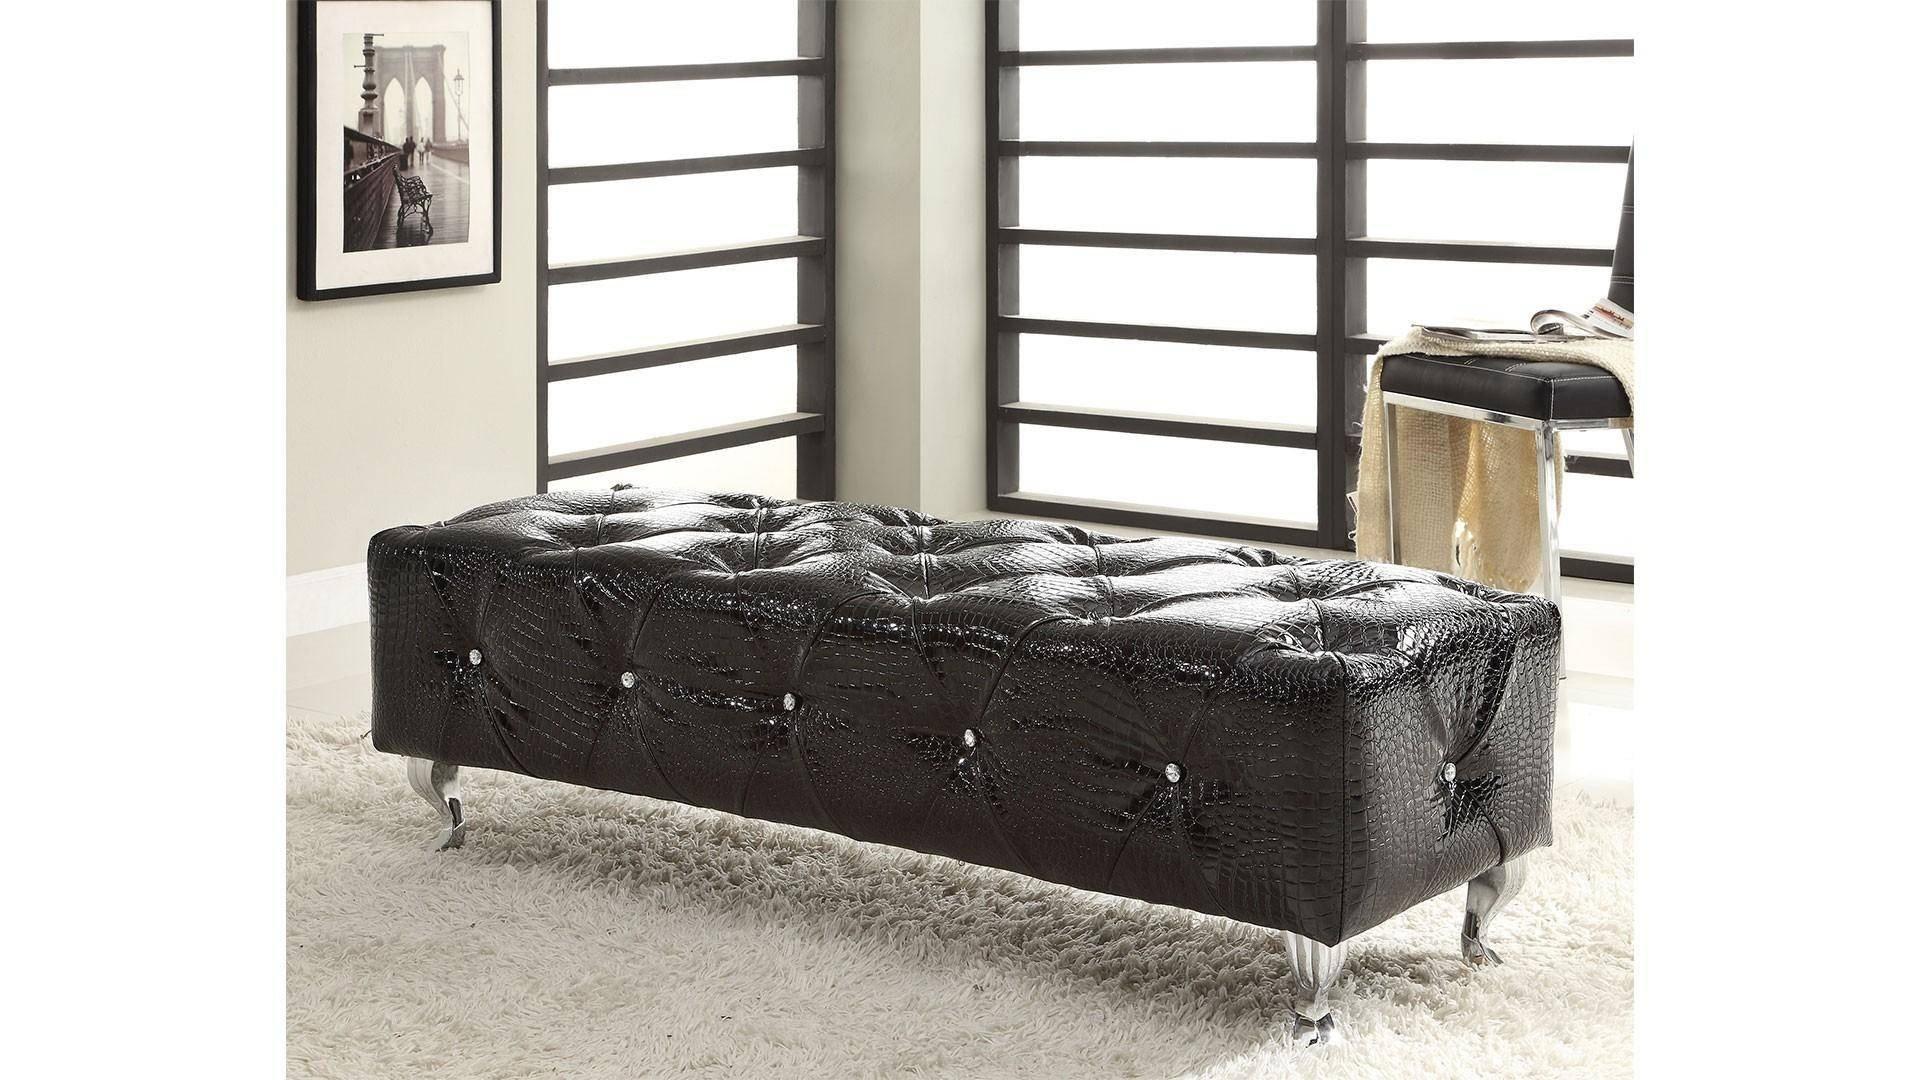 Modern White Bedroom Set Luxury at Home Michelle King Platform Bedroom Set 2 Pcs In Black Leather